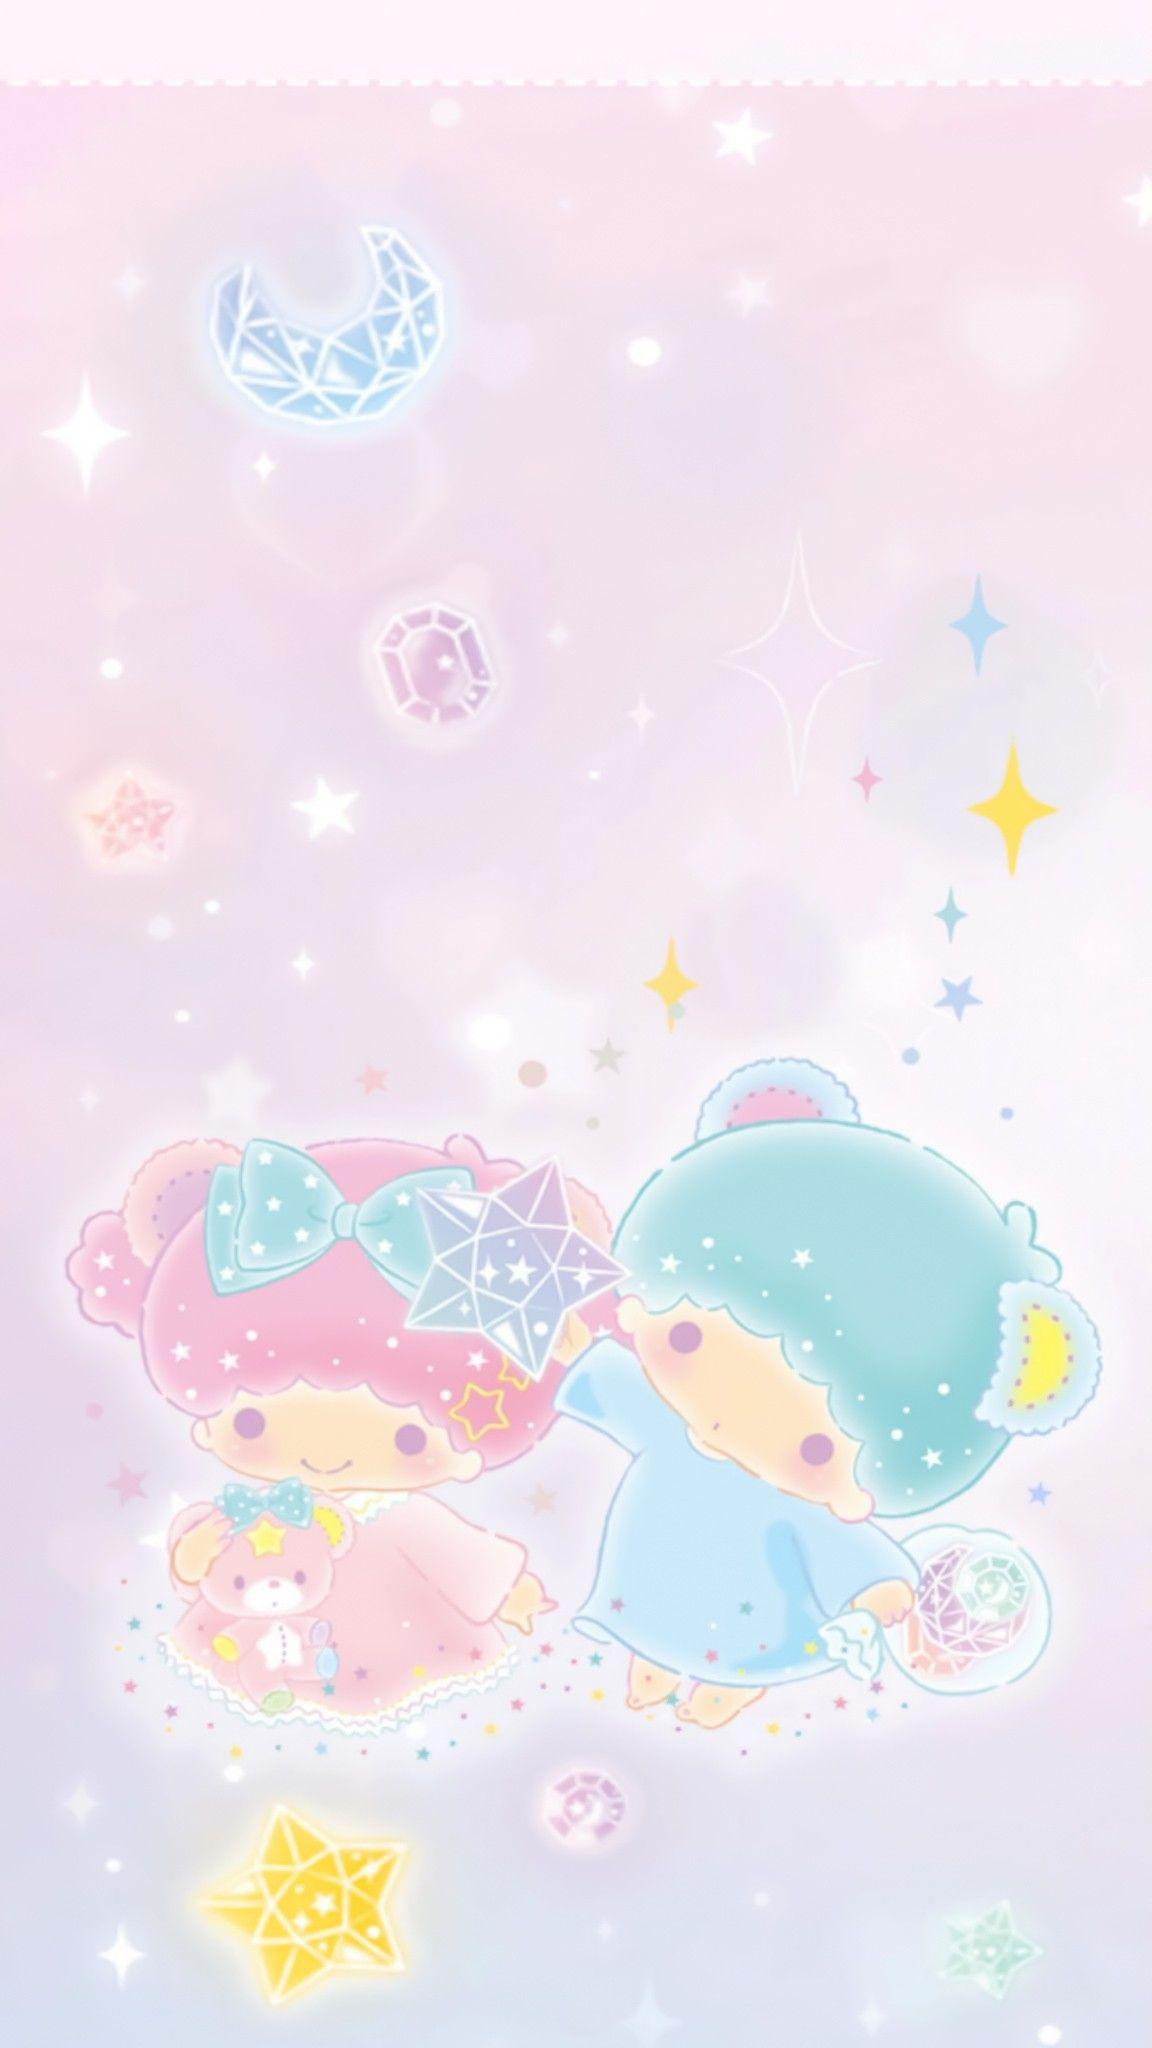 Little Twin Stars Bg おしゃれまとめの人気アイデア Pinterest Apoame キキララ 壁紙 壁紙 かわいい リトルツインスターズ